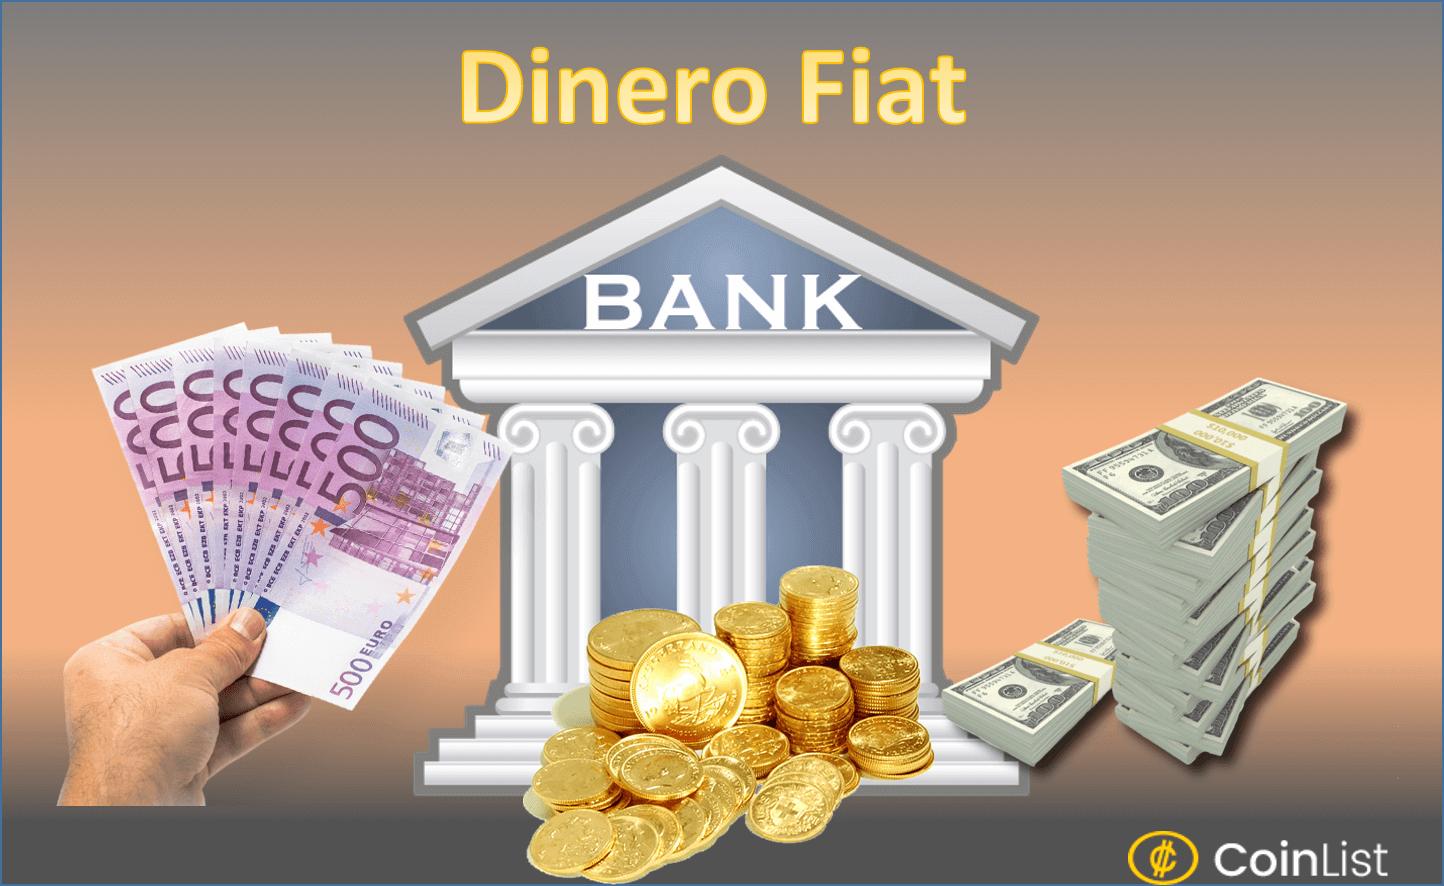 Dinero Fiat